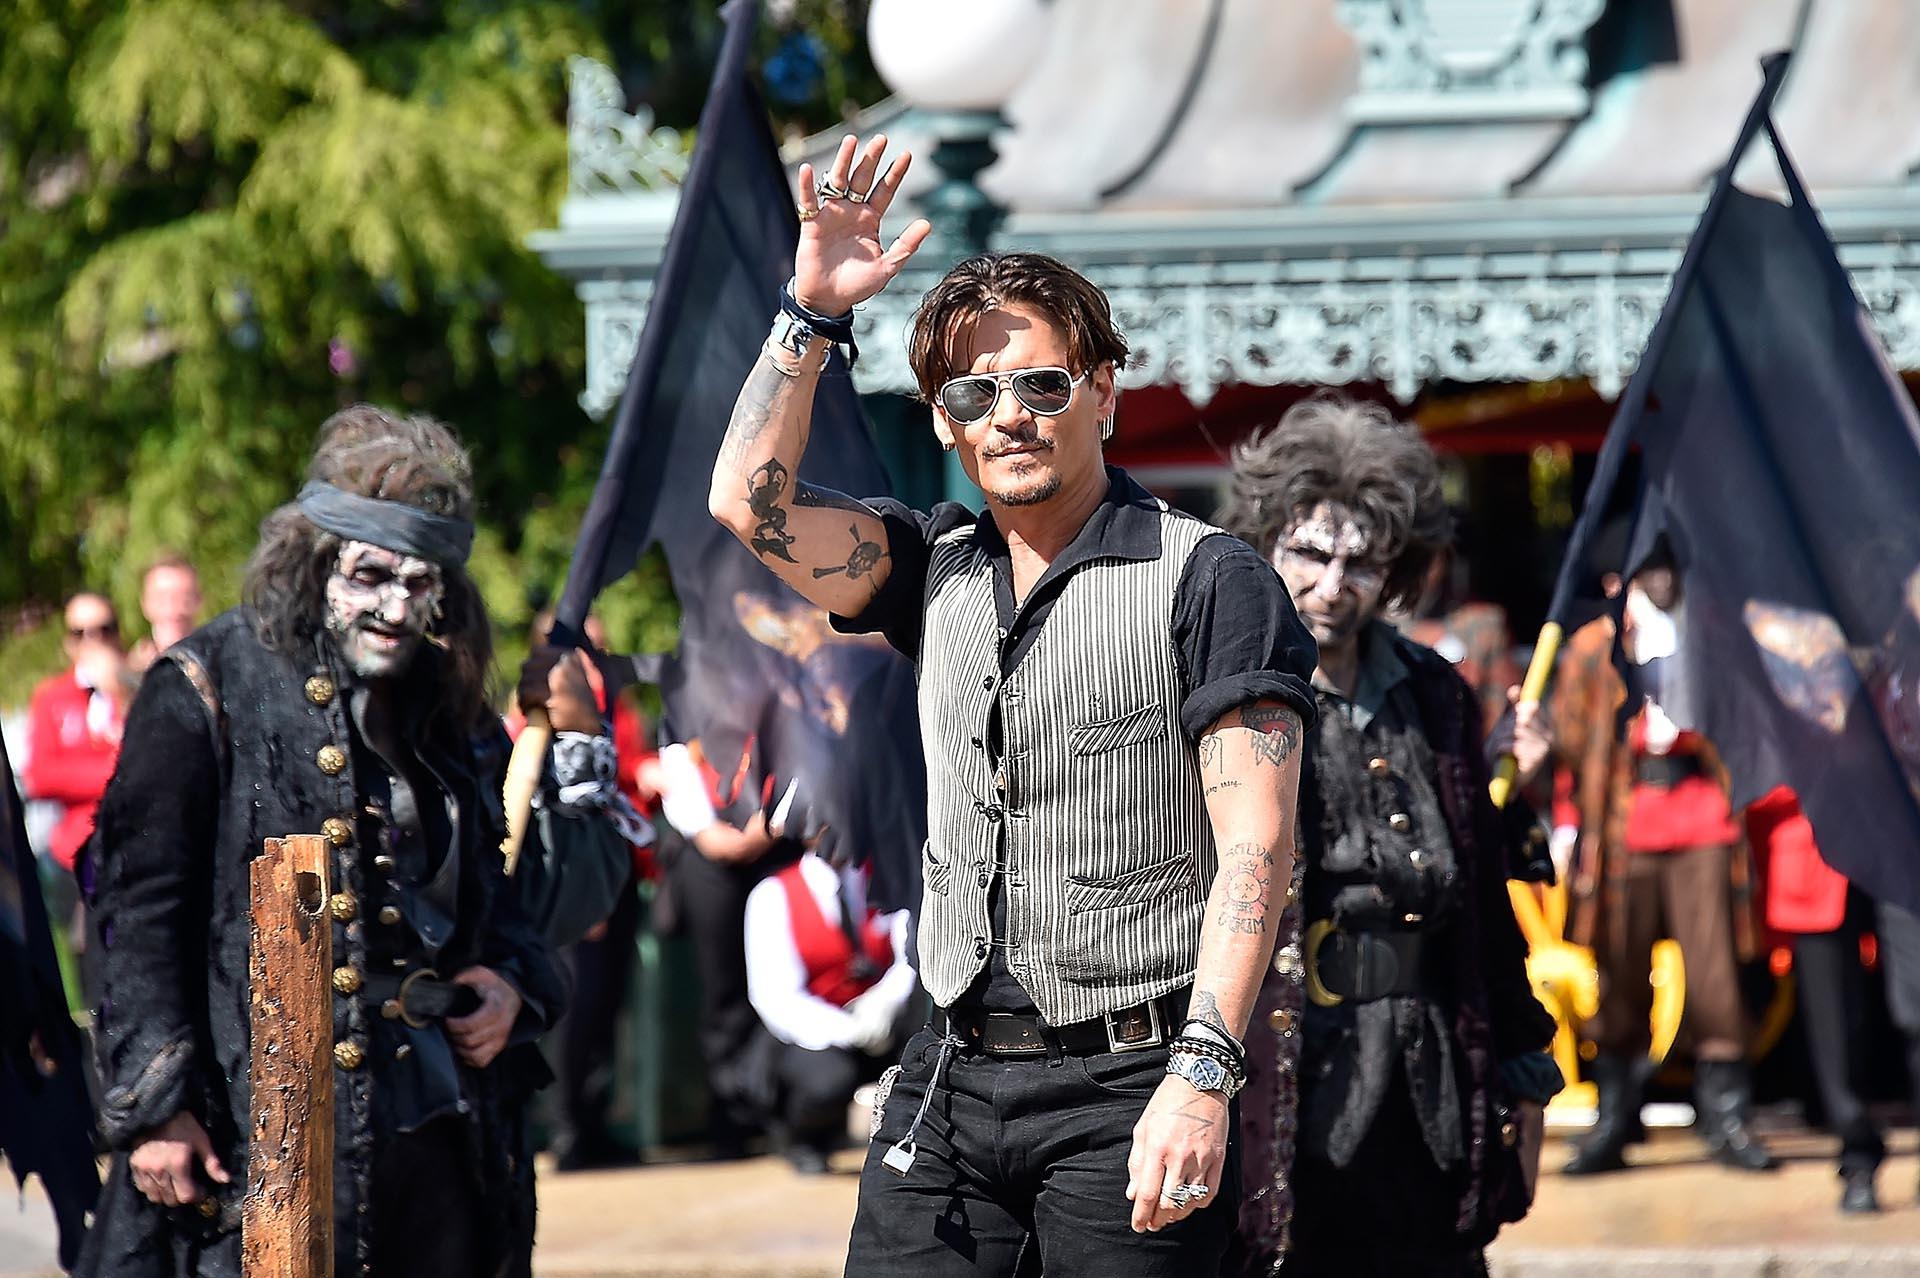 El capitán Sparrow, interpretado por Johnny Depp, arriba a la premiere europea de la quinta entrega de la exitosa serie cinematográfica, Piratas del Caribe